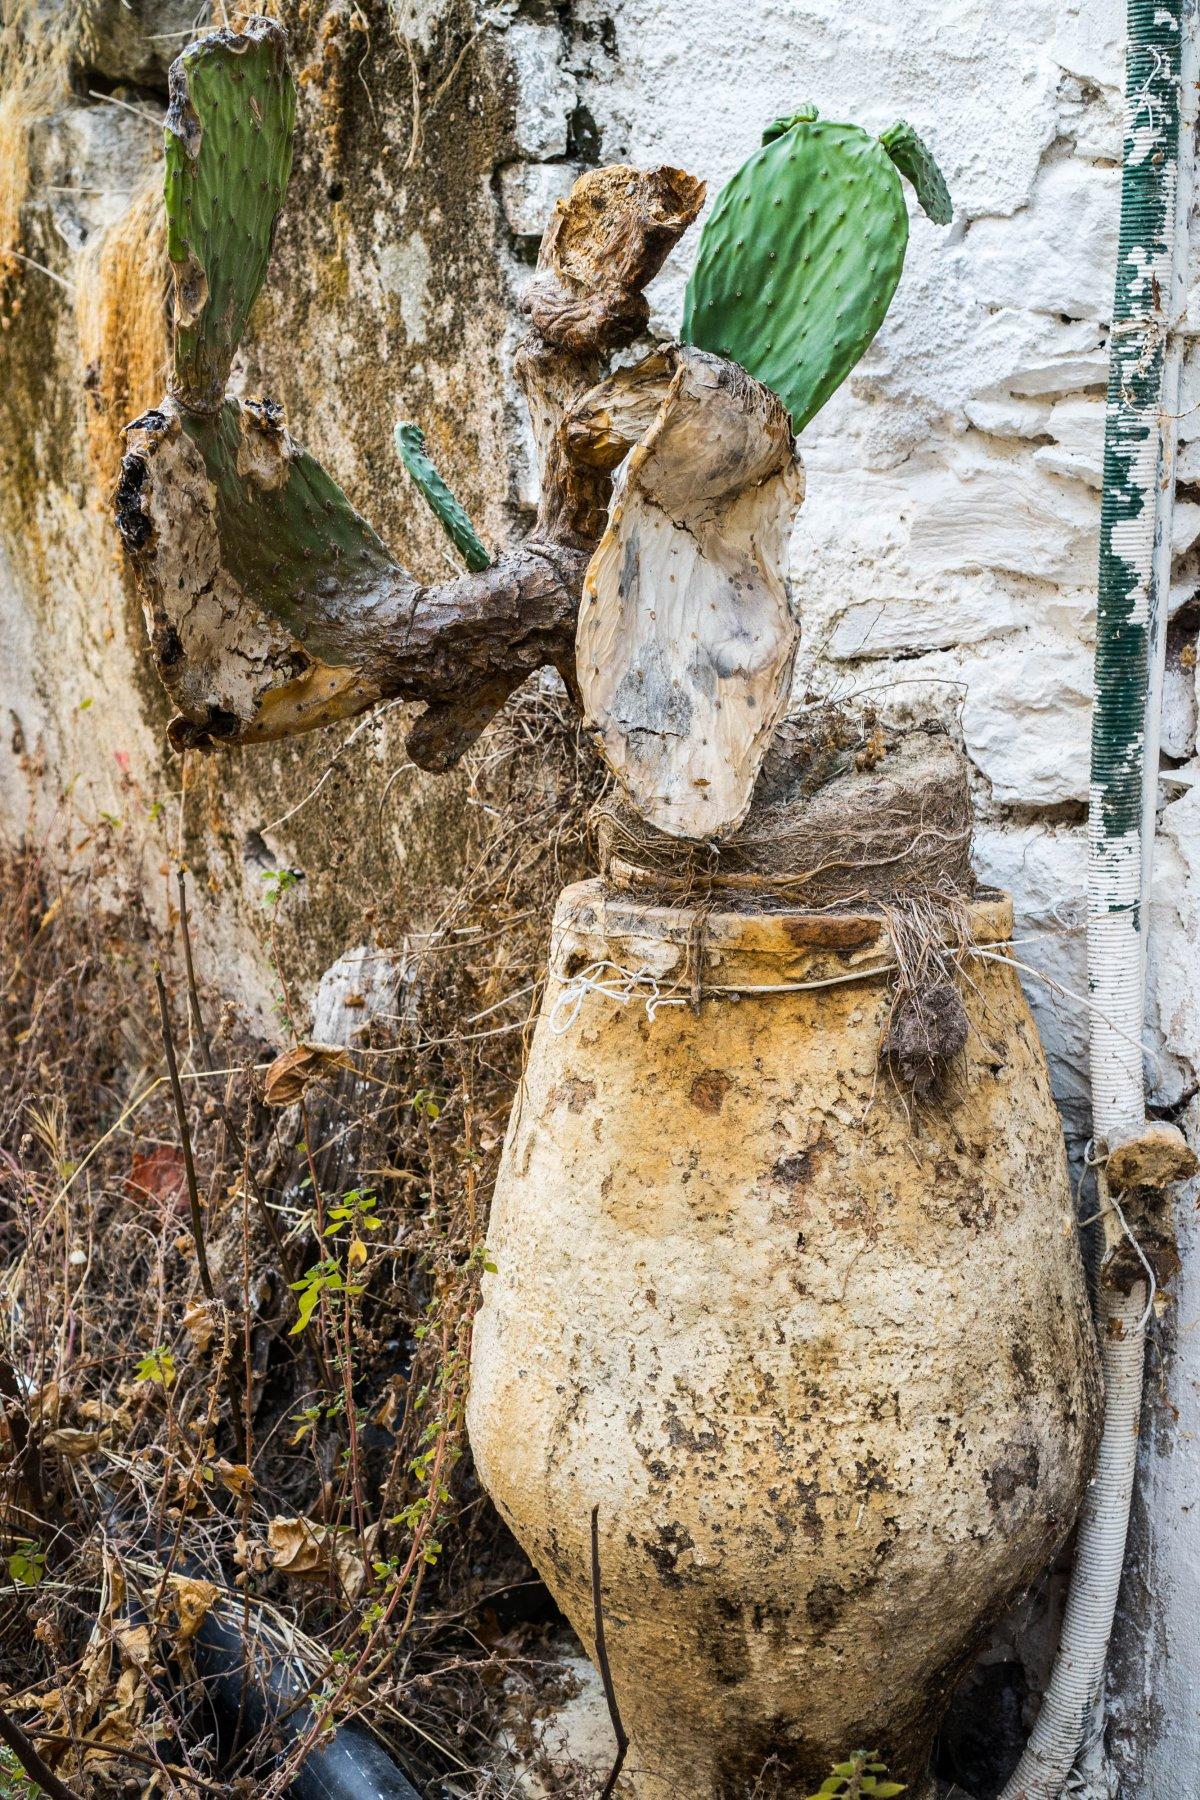 Χαρακτηριστικές εικόνες εγκατάλειψης στο Καλάμι, Κρήτη